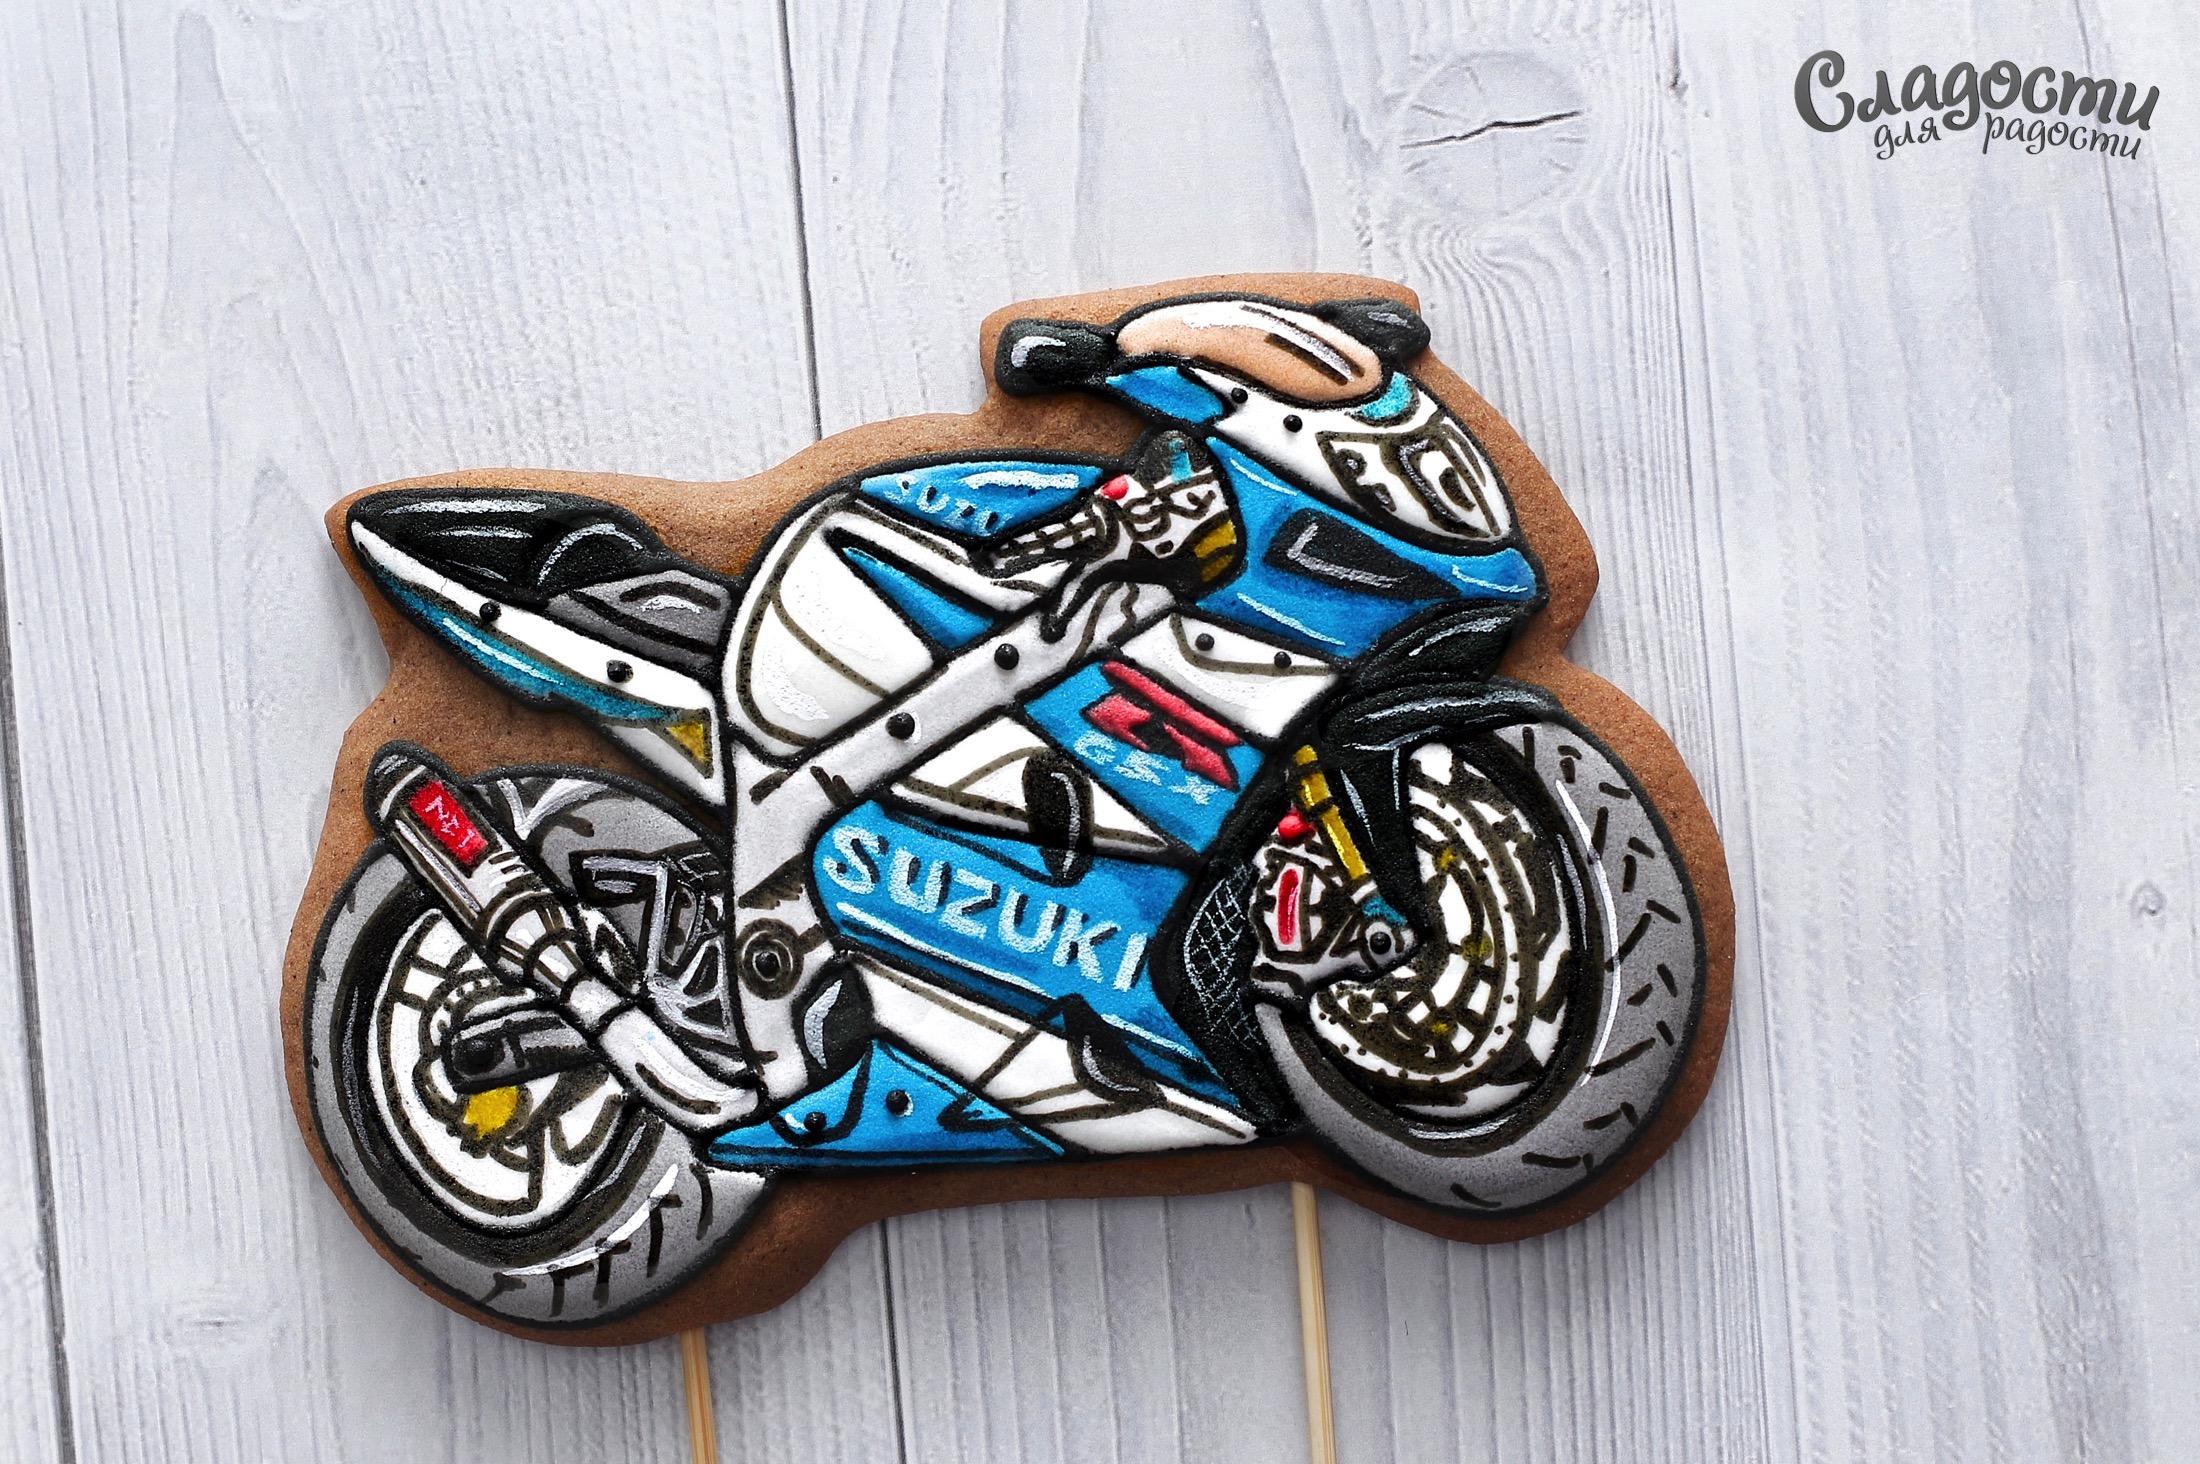 Пряничный мотоцикл